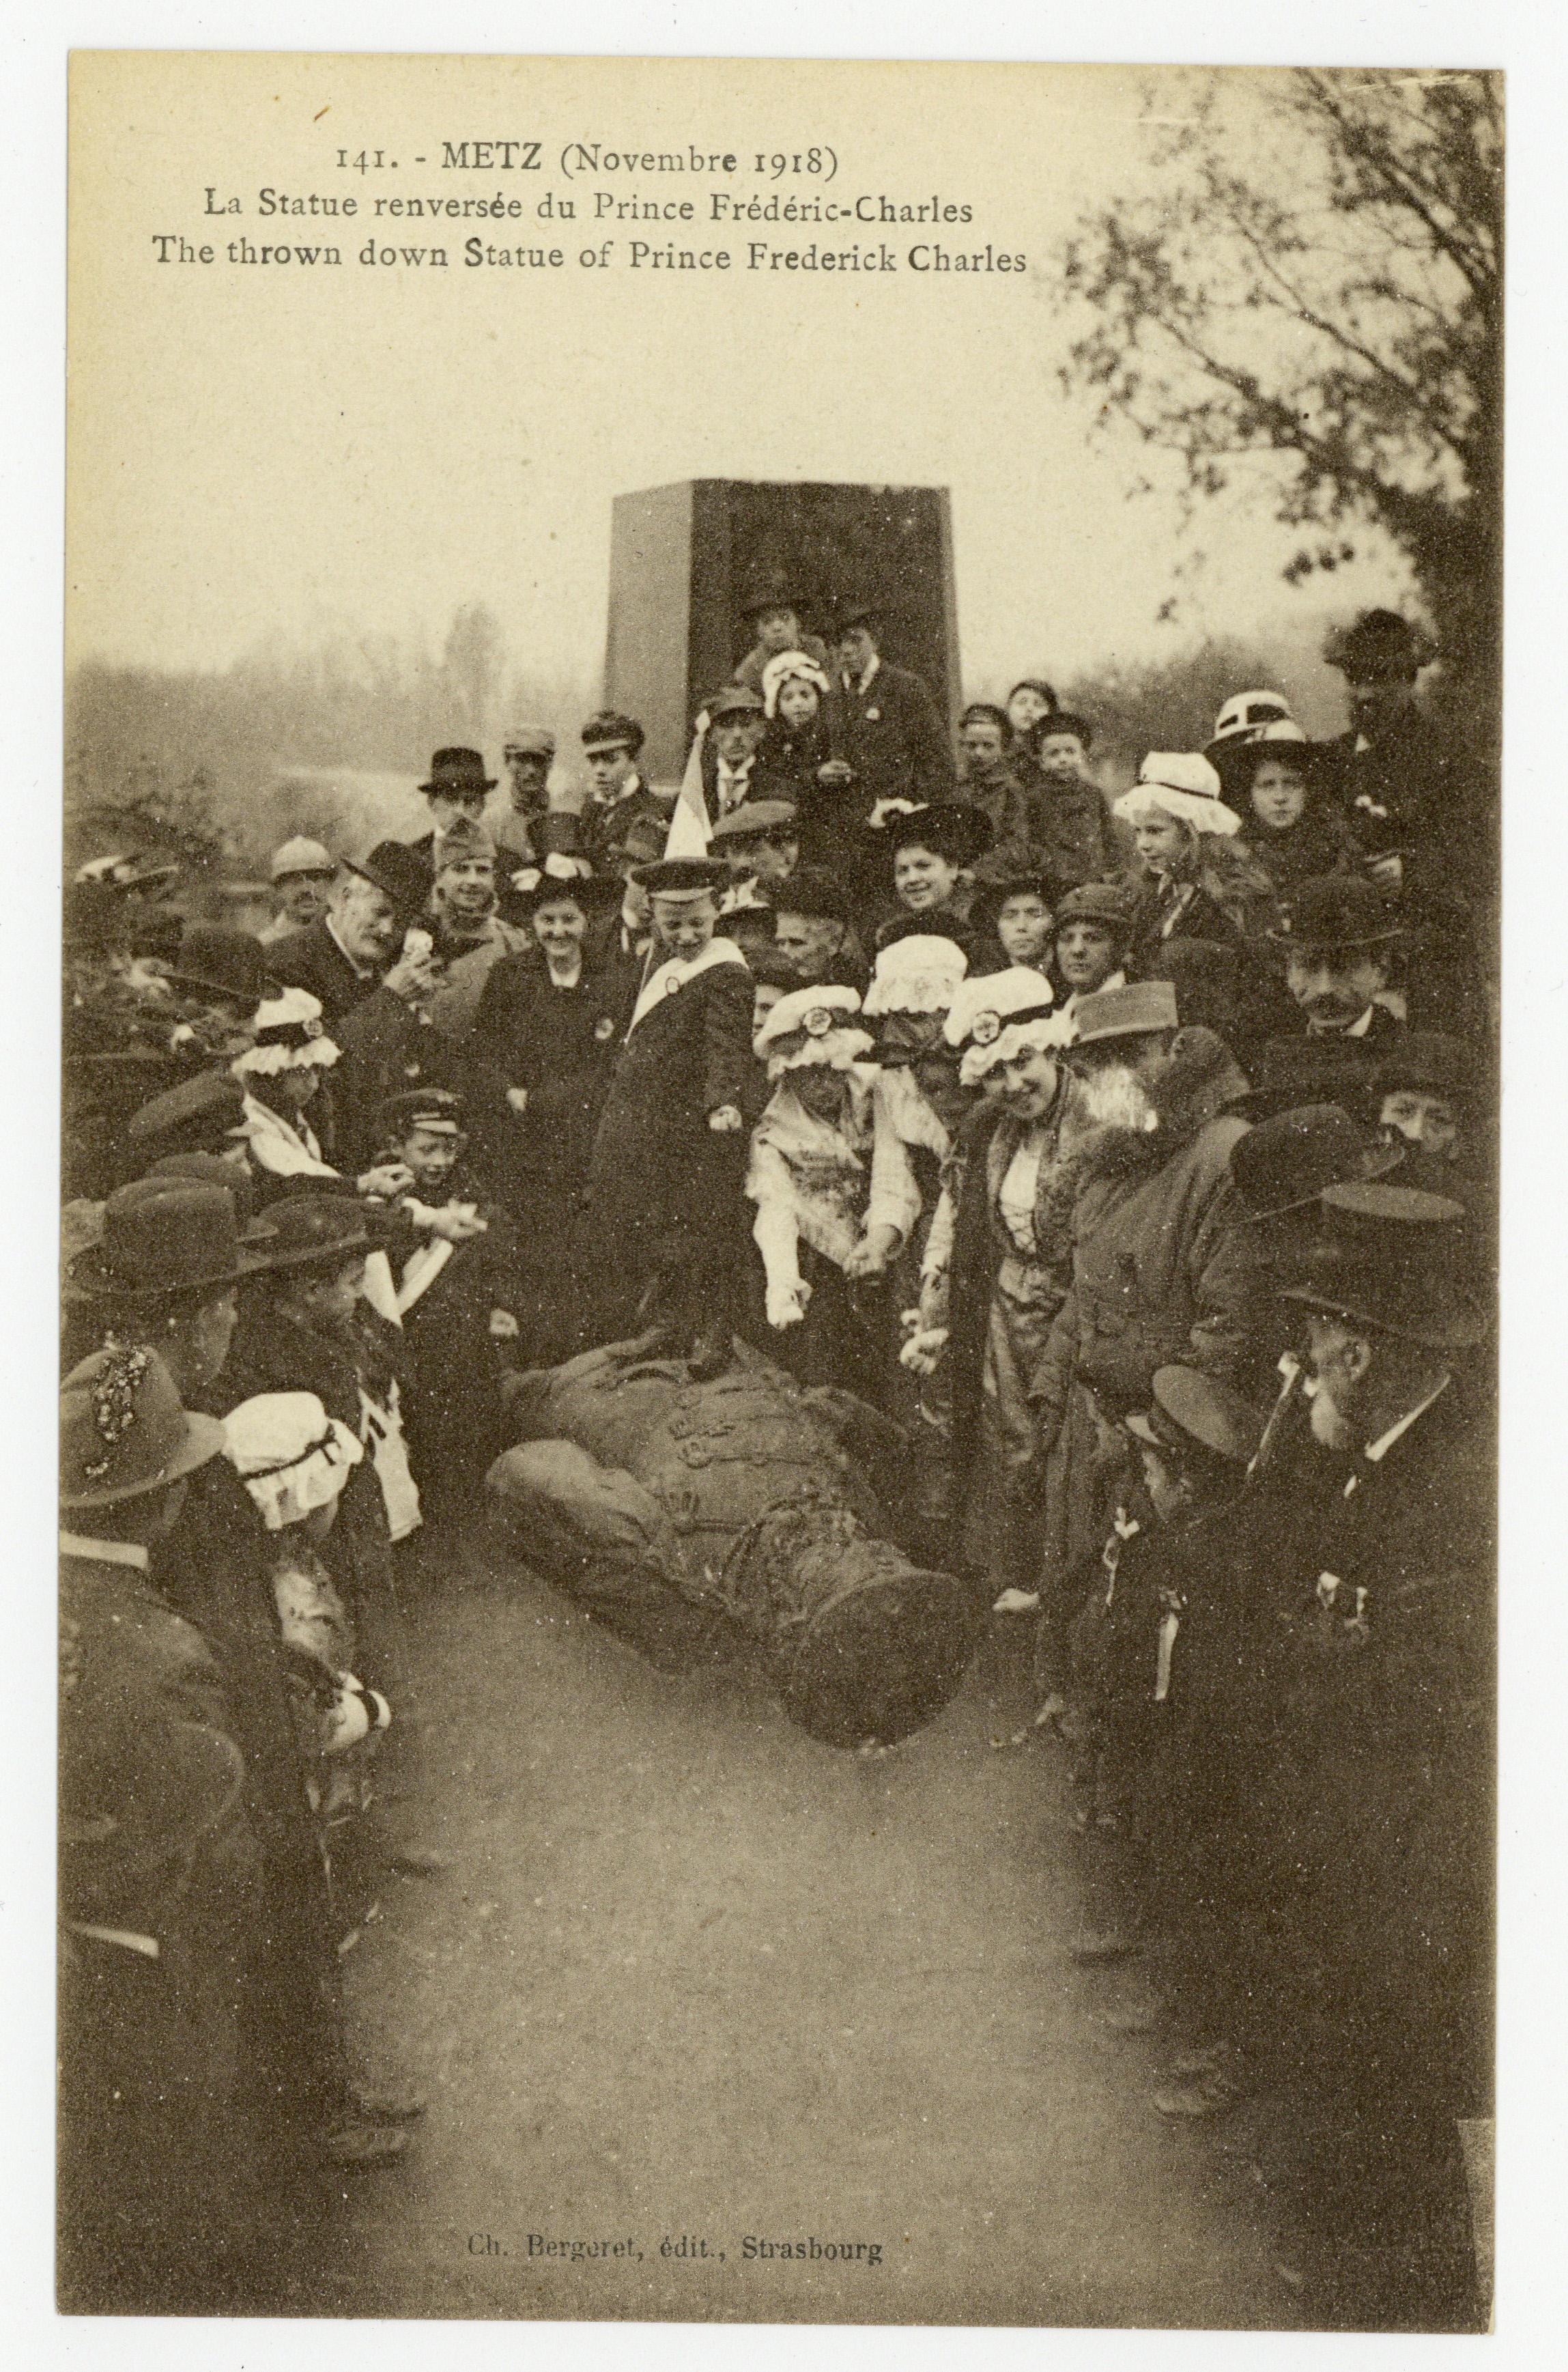 Contenu du Metz (Novembre 1918) : la Statue renversée du Prince Frédéric-Charles. The thrown down Statue of Prince Frederik Charles